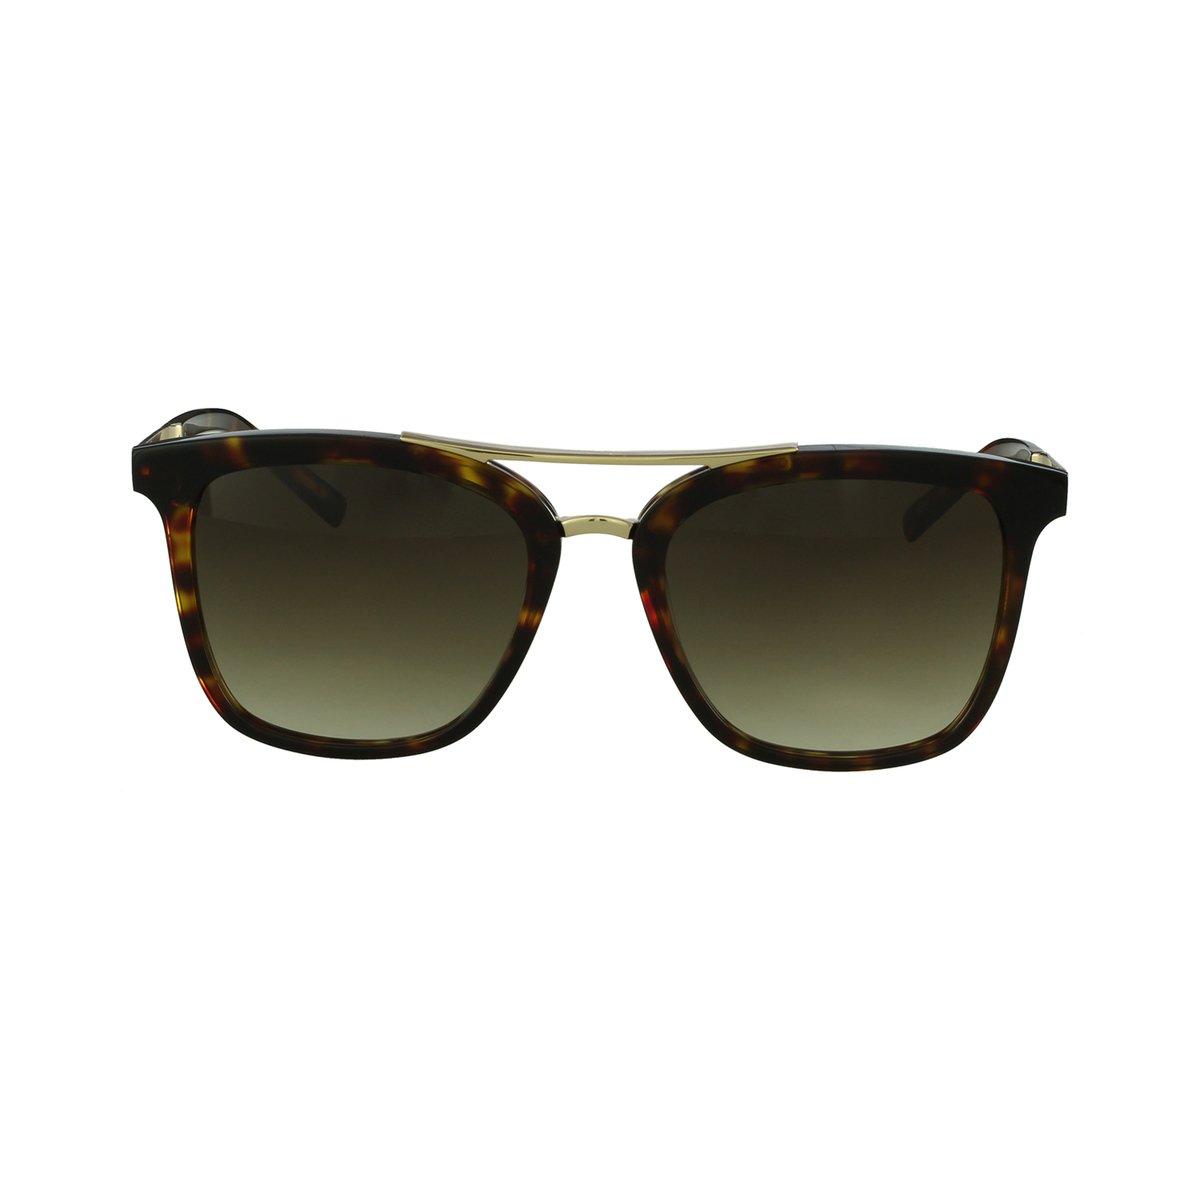 eaf9db8b59f9e Óculos De Sol Ana Hickmann Casual - Marrom - Compre Agora   Netshoes